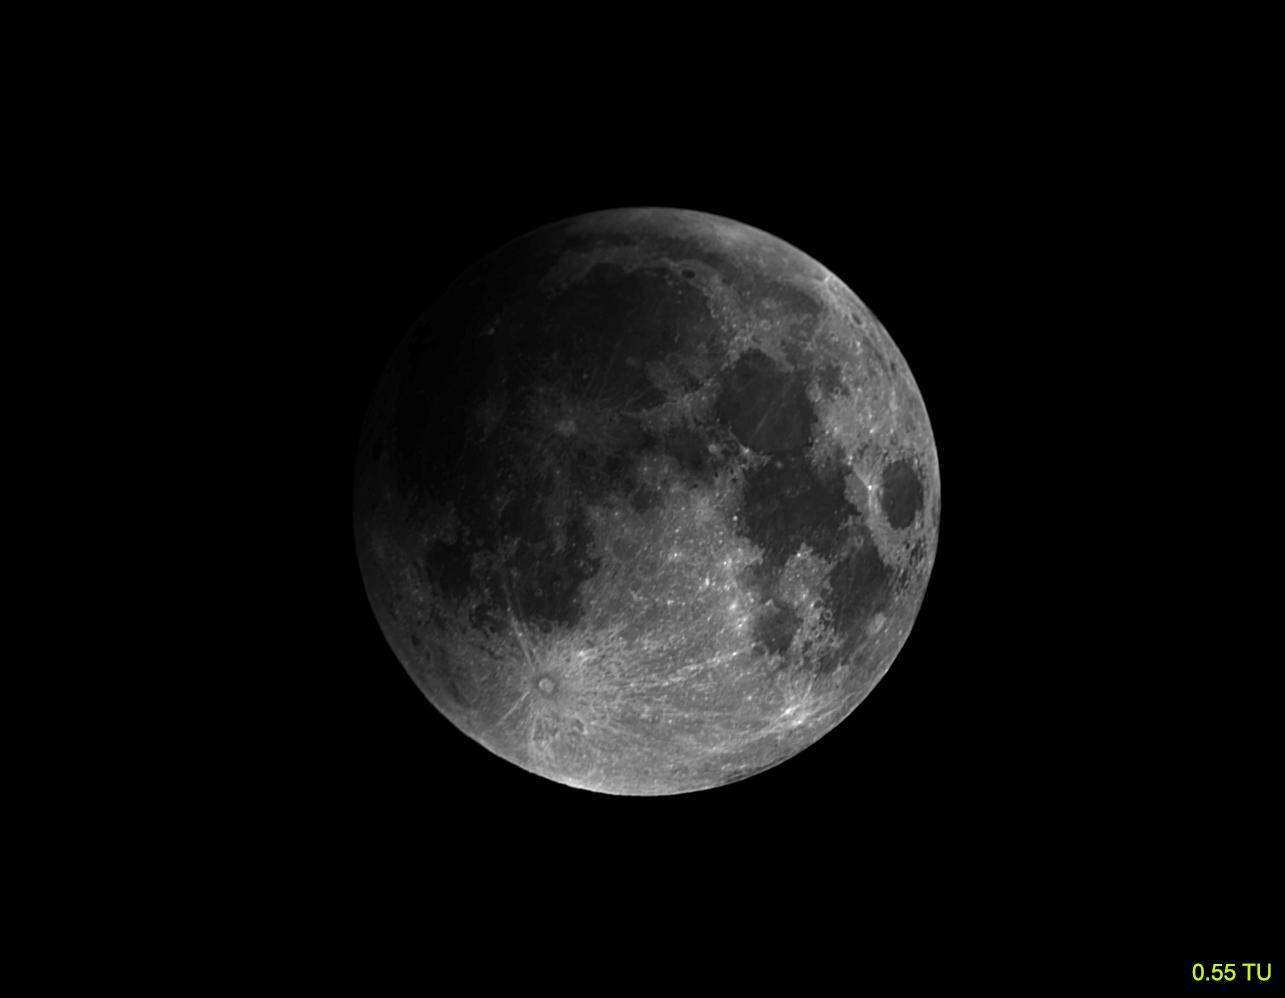 luna 28 9 2015  0 55 TU